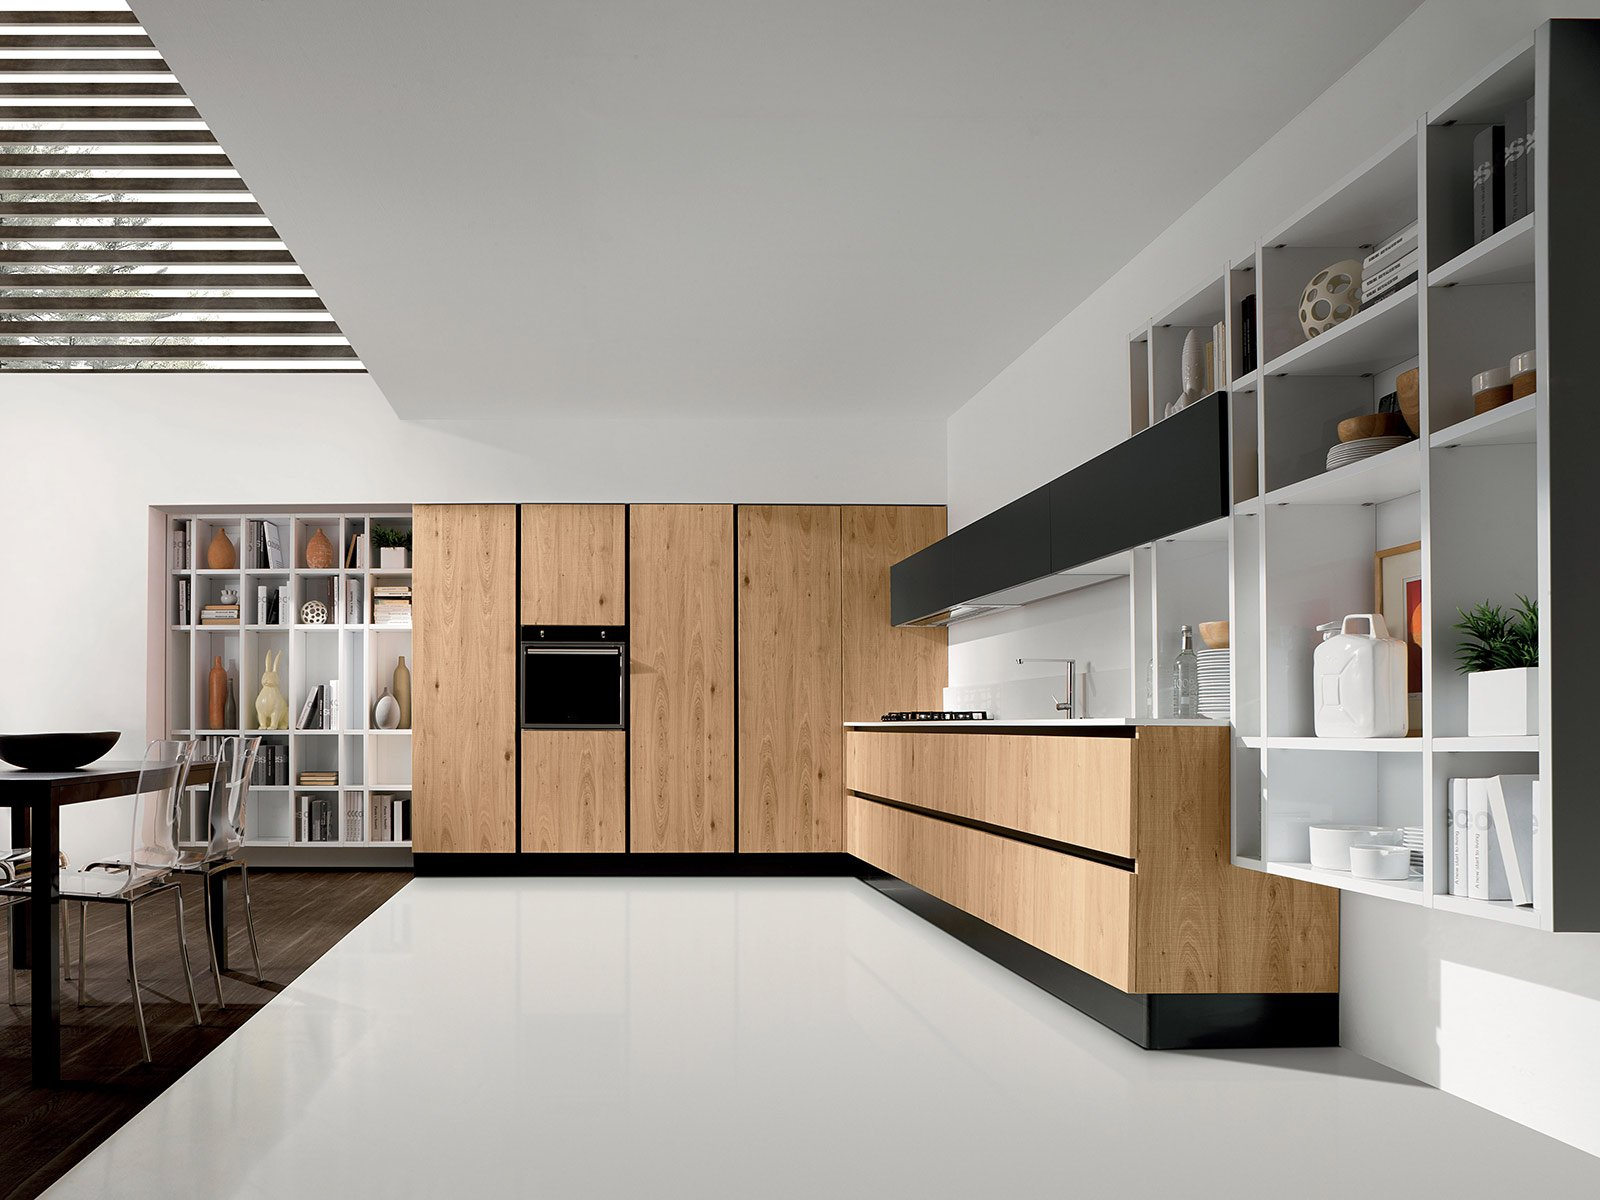 Cucine moderne in legno cose di casa - Cucine moderne in legno ...